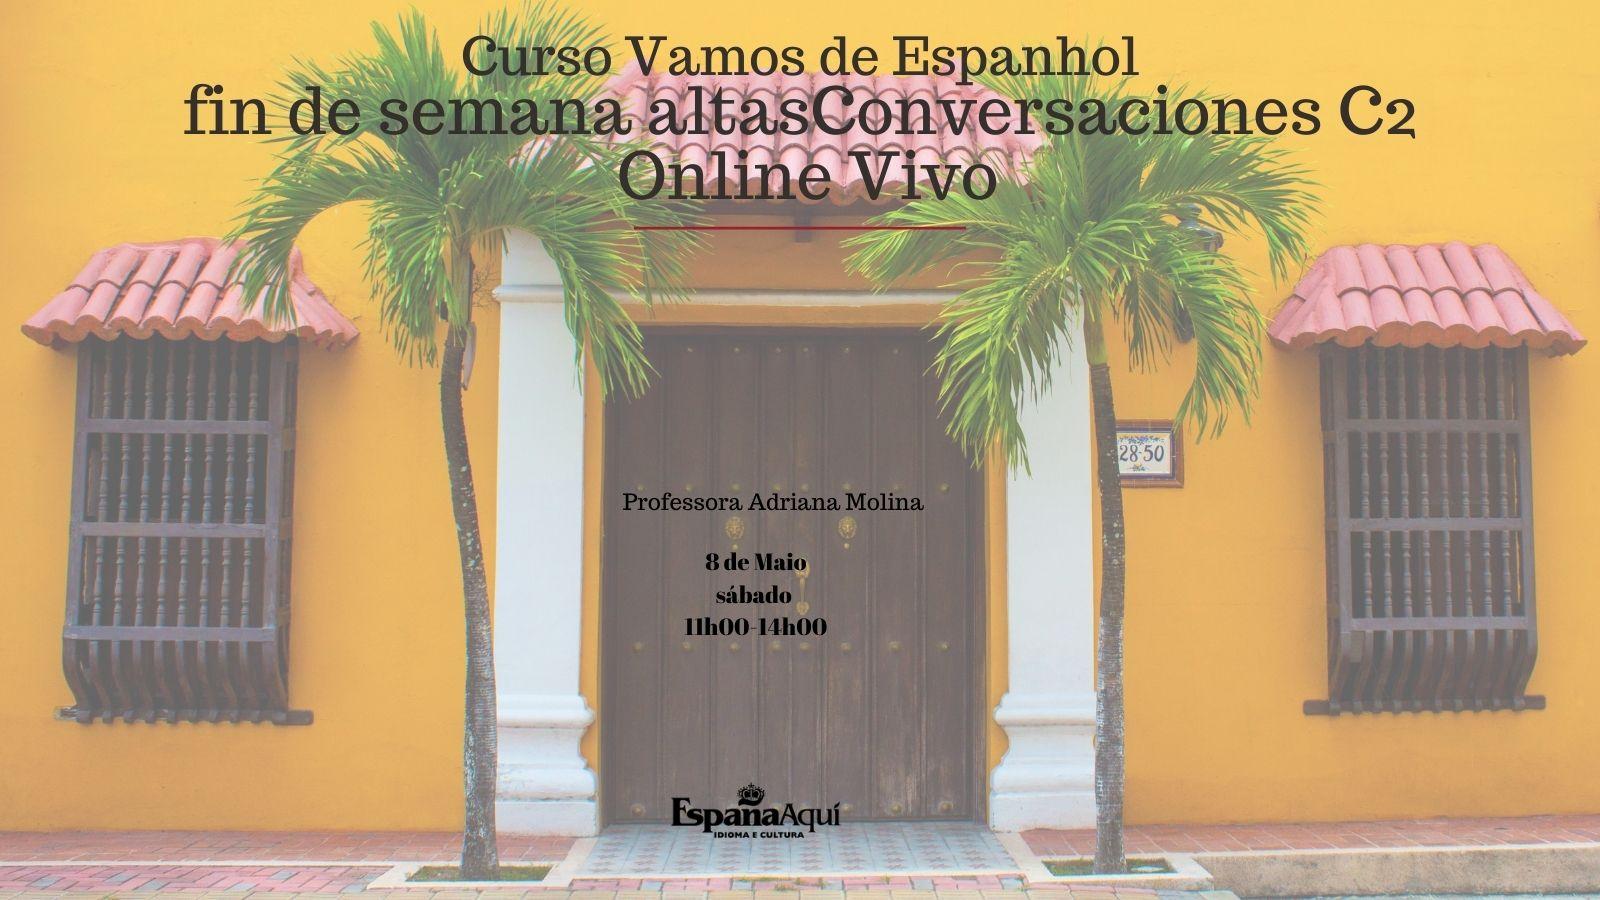 http://www.espanaaqui.com.br/pdf/maio2021/altas%20conversaciones%208%20de%20Maio.jpg